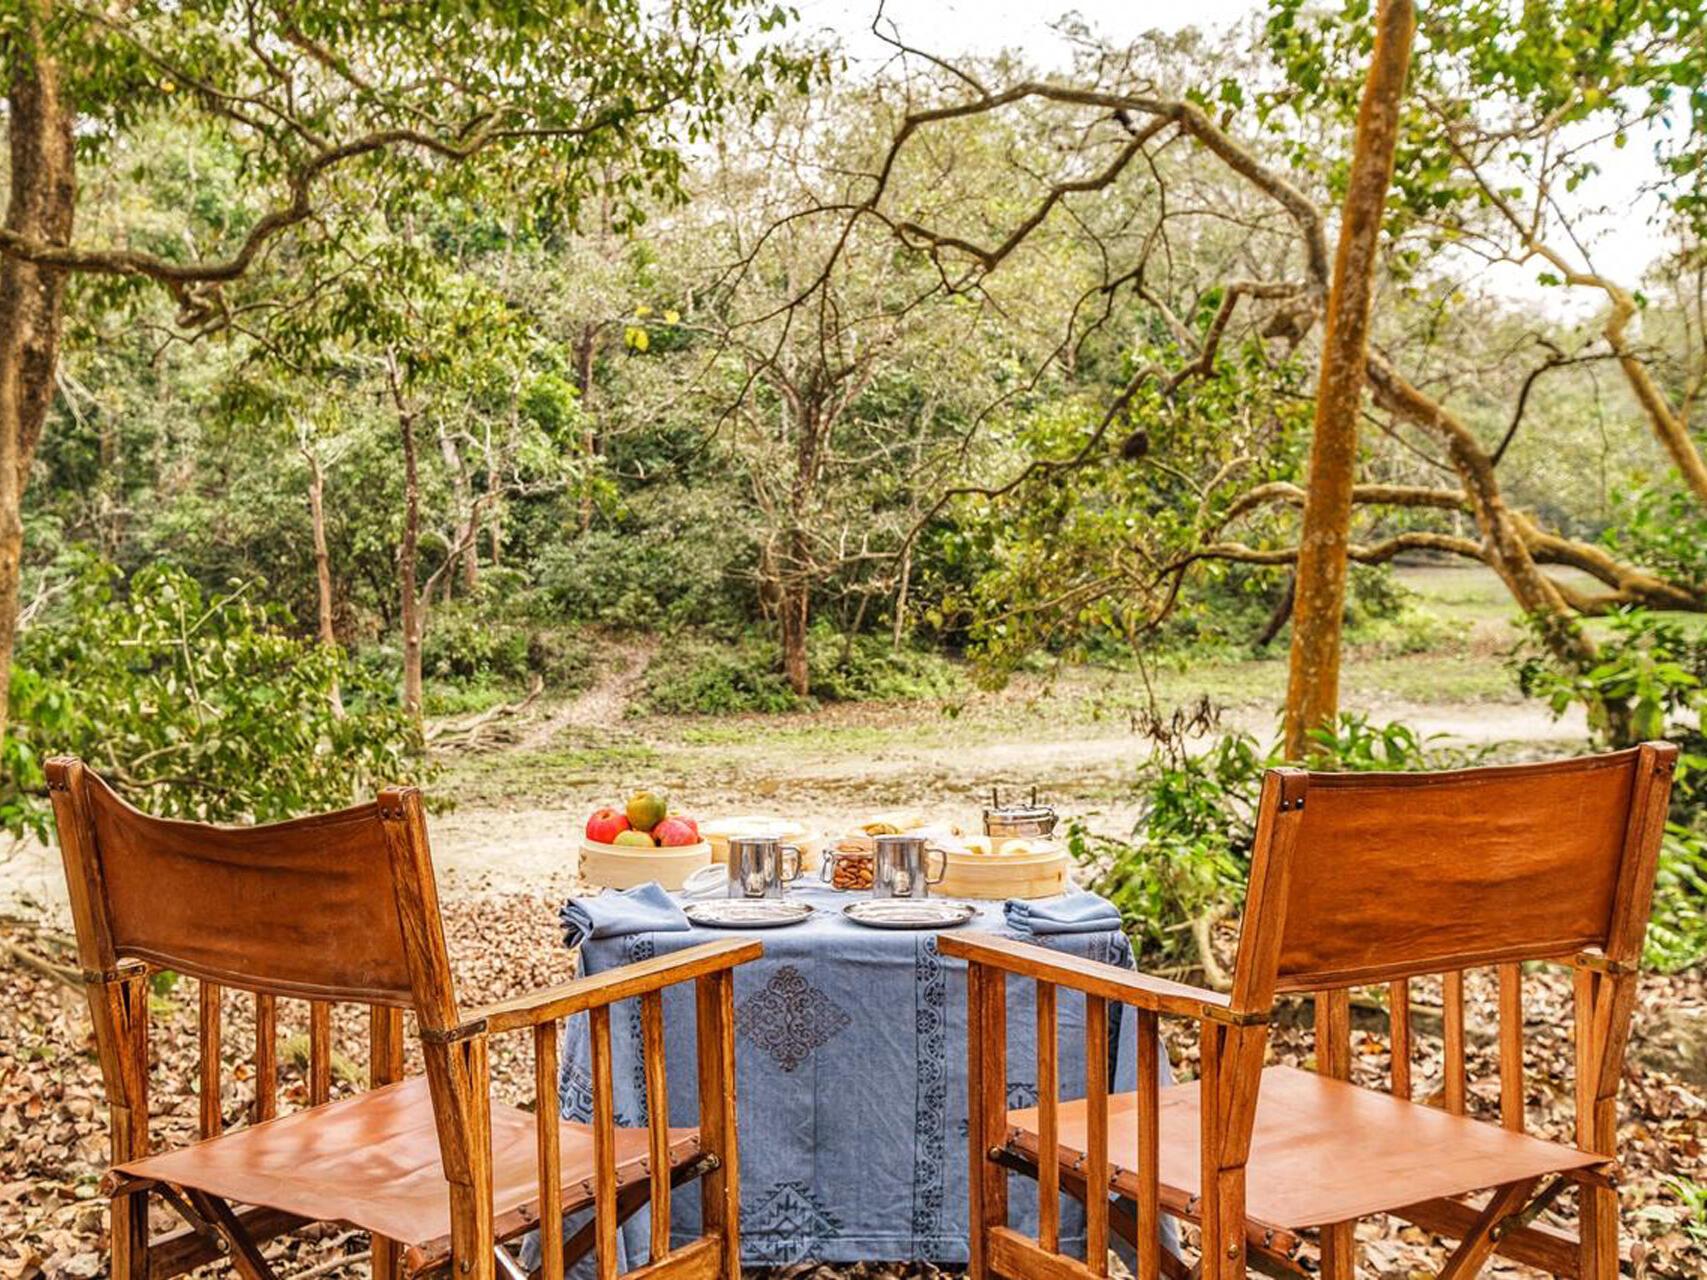 Fruit table at Meghauli Serai